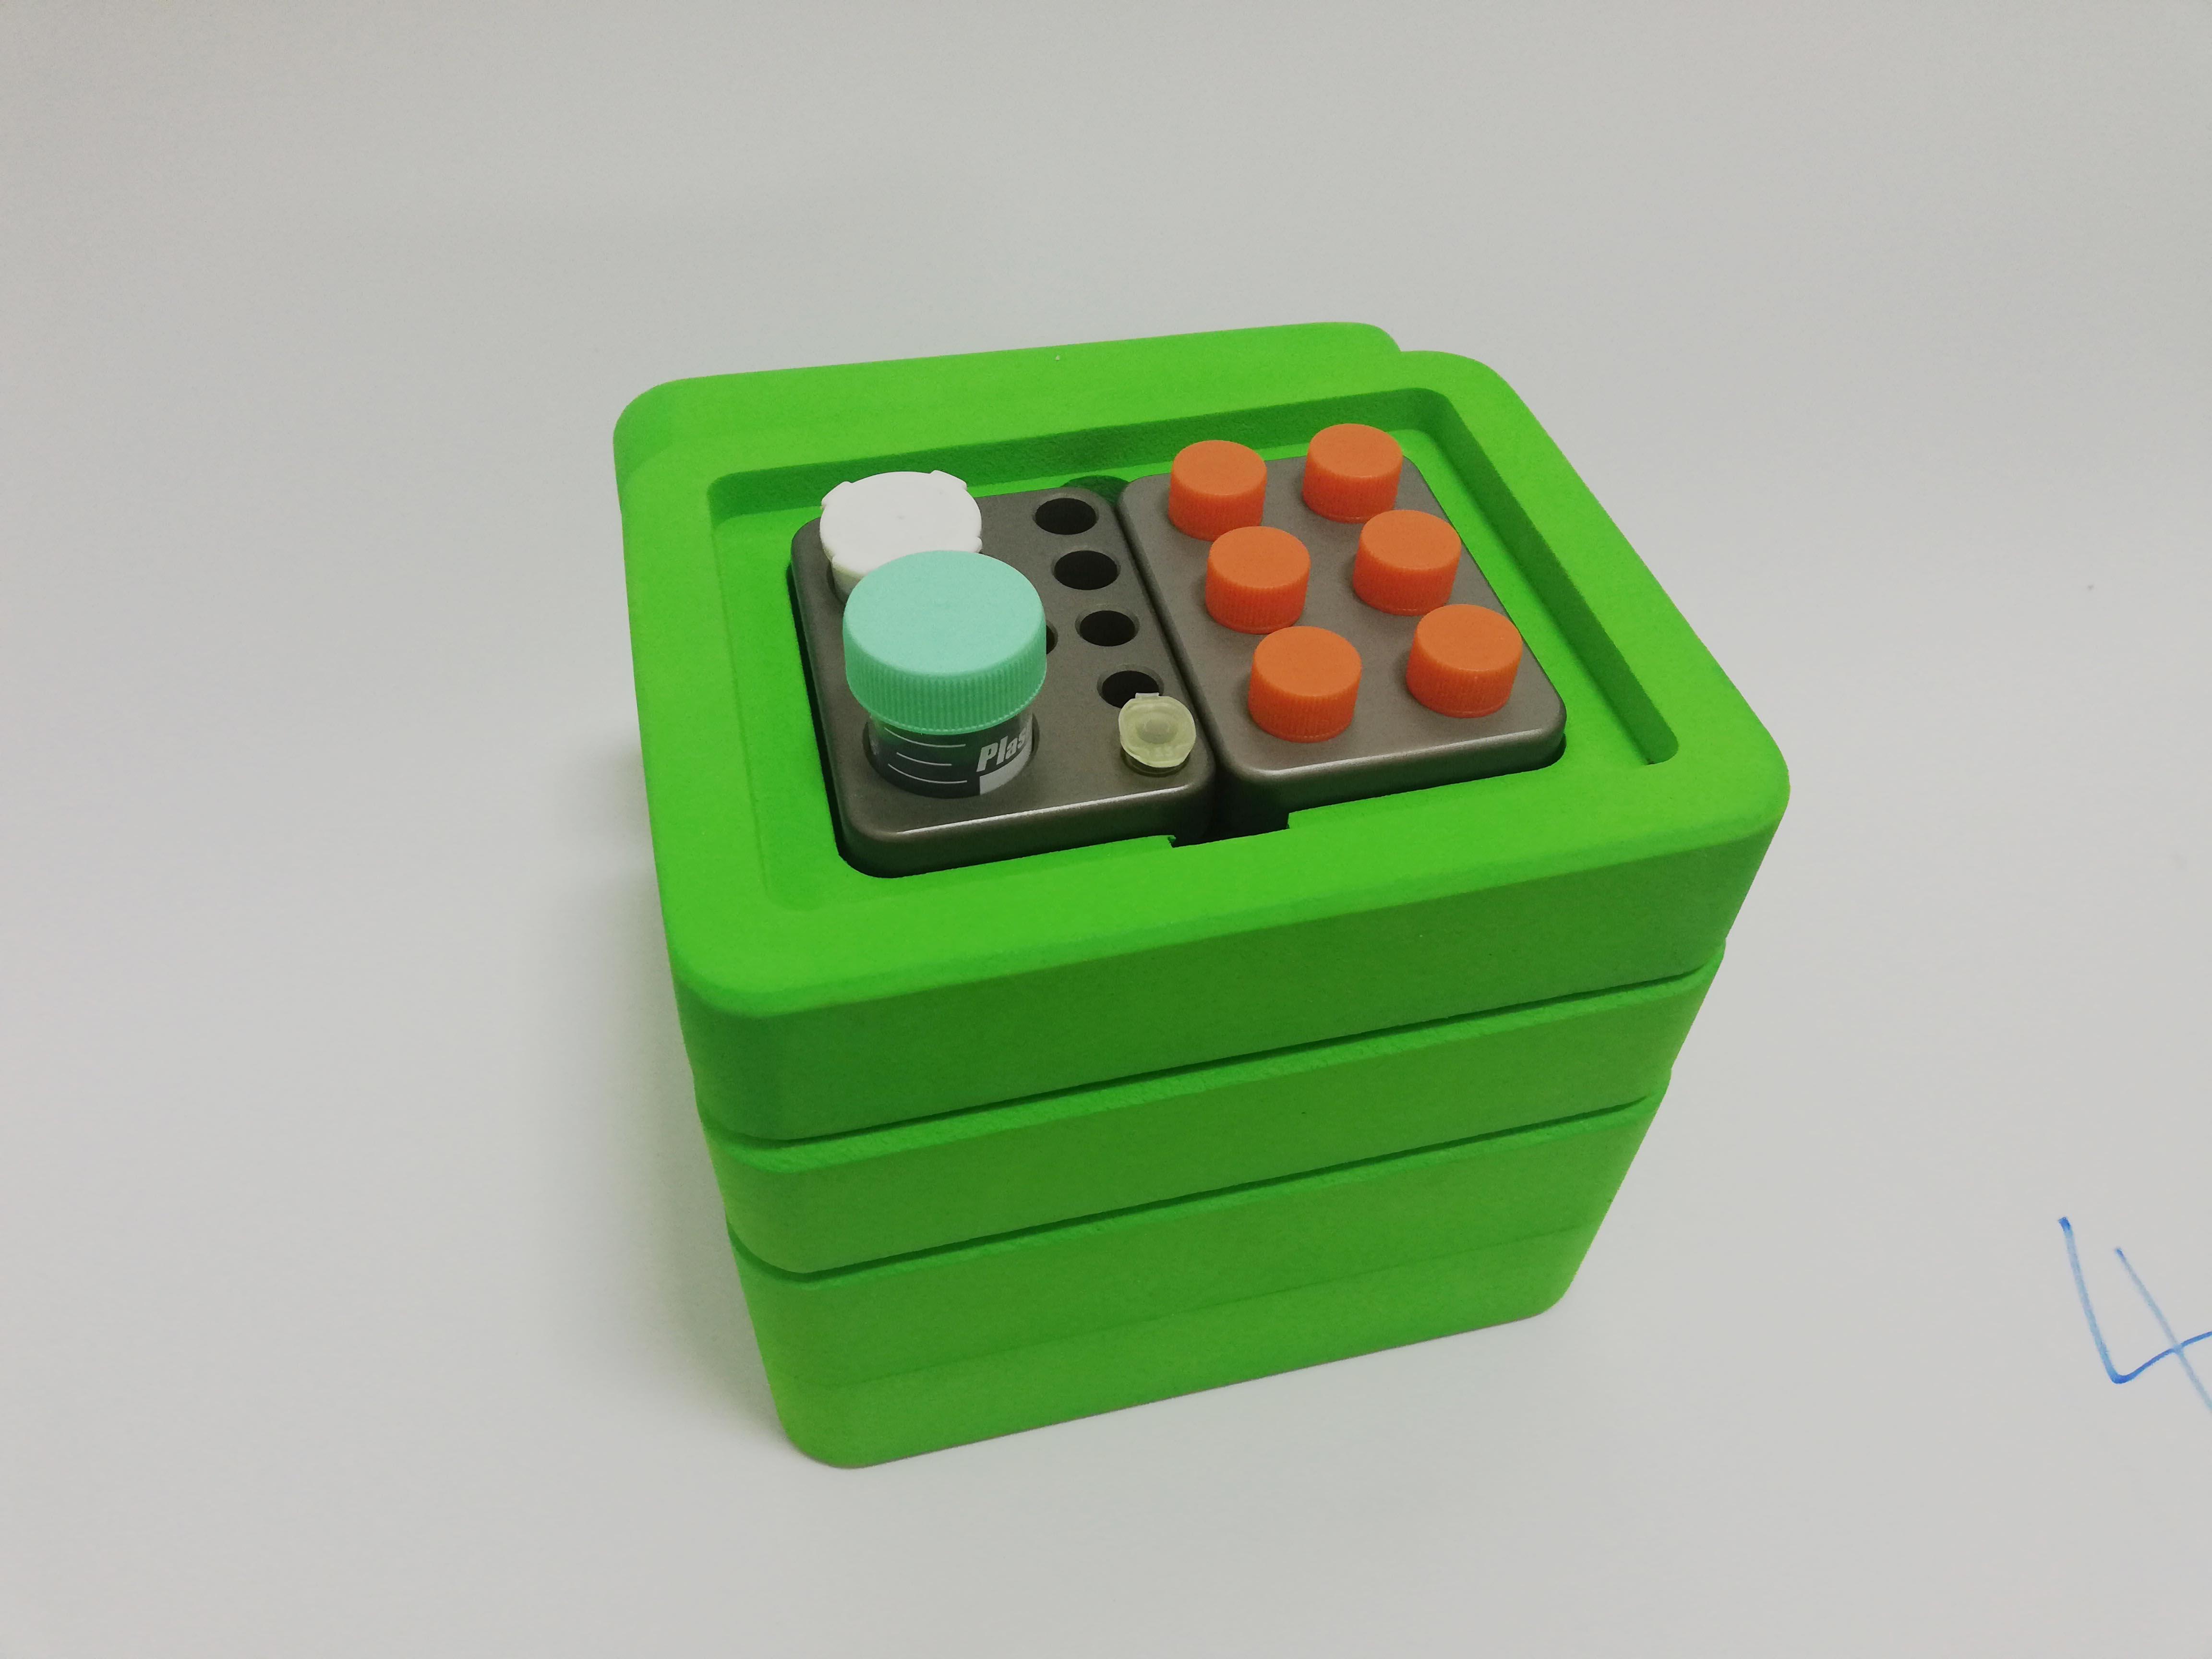 微生物样品采样箱转运运输箱低温转运无冰无电便携